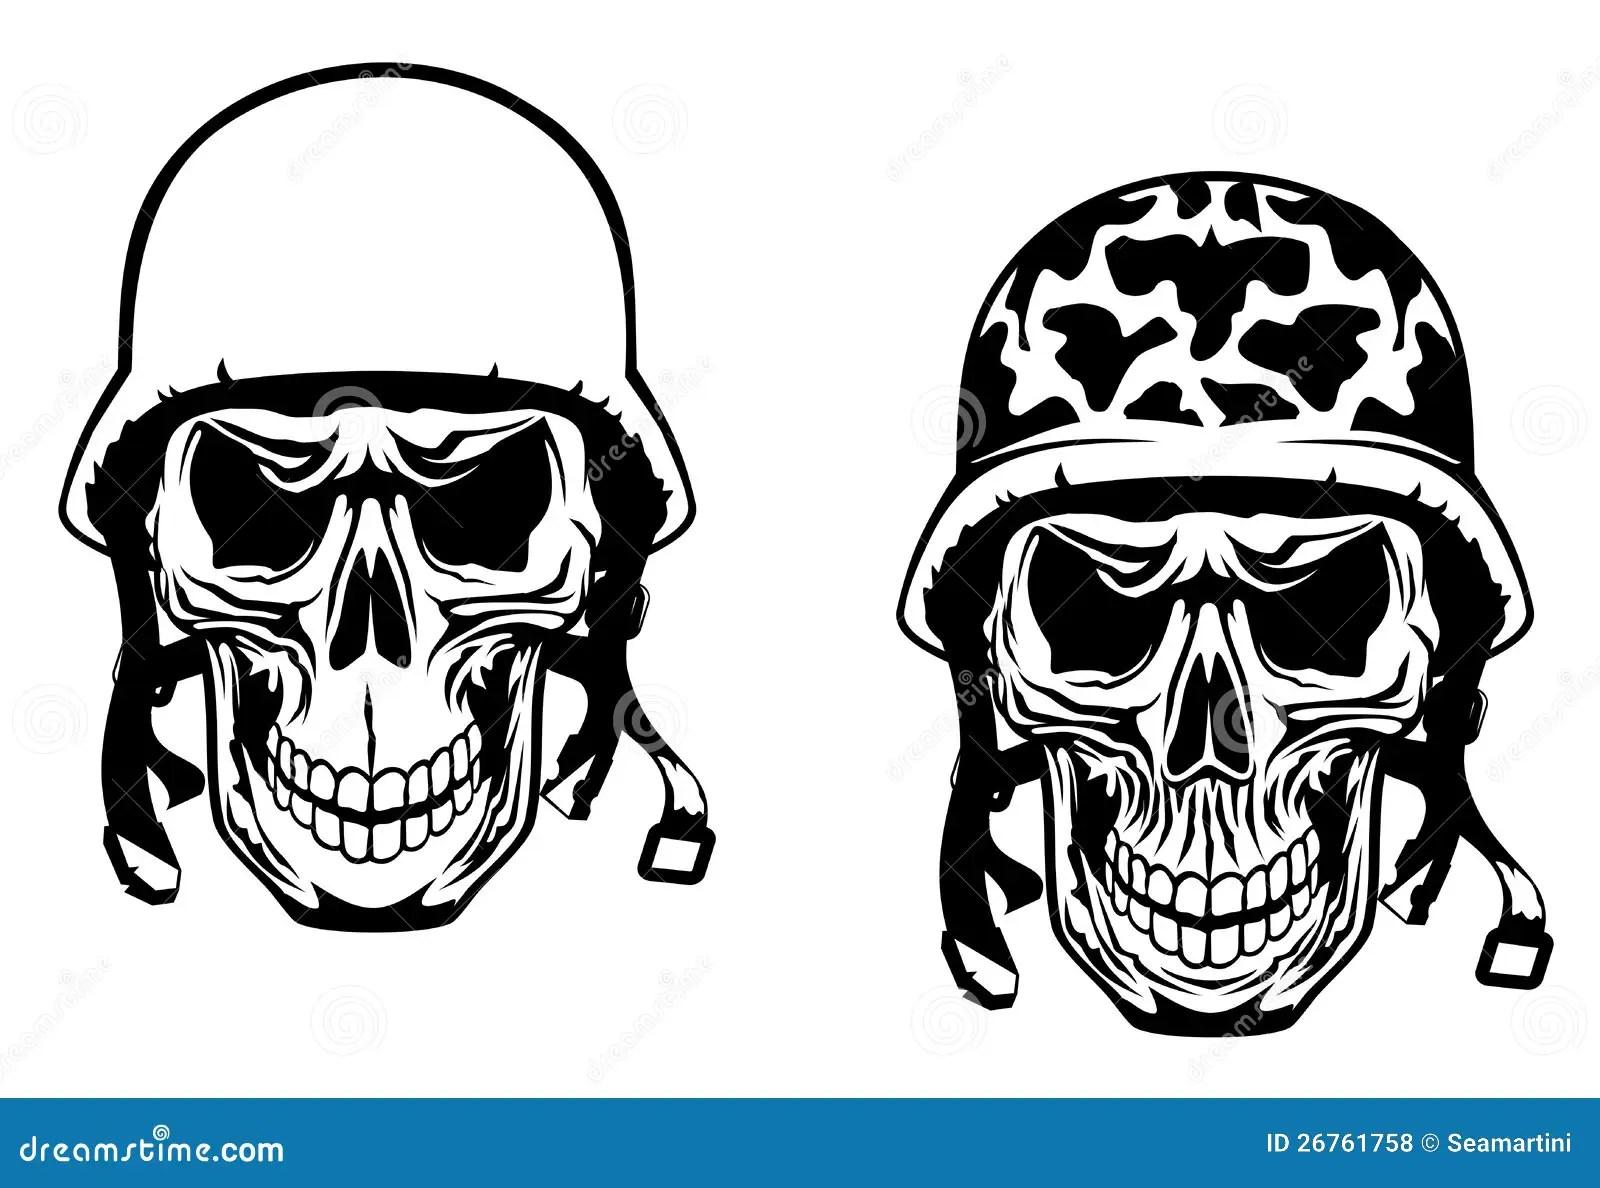 Warrior And Pilot Skulls Royalty Free Stock Photos